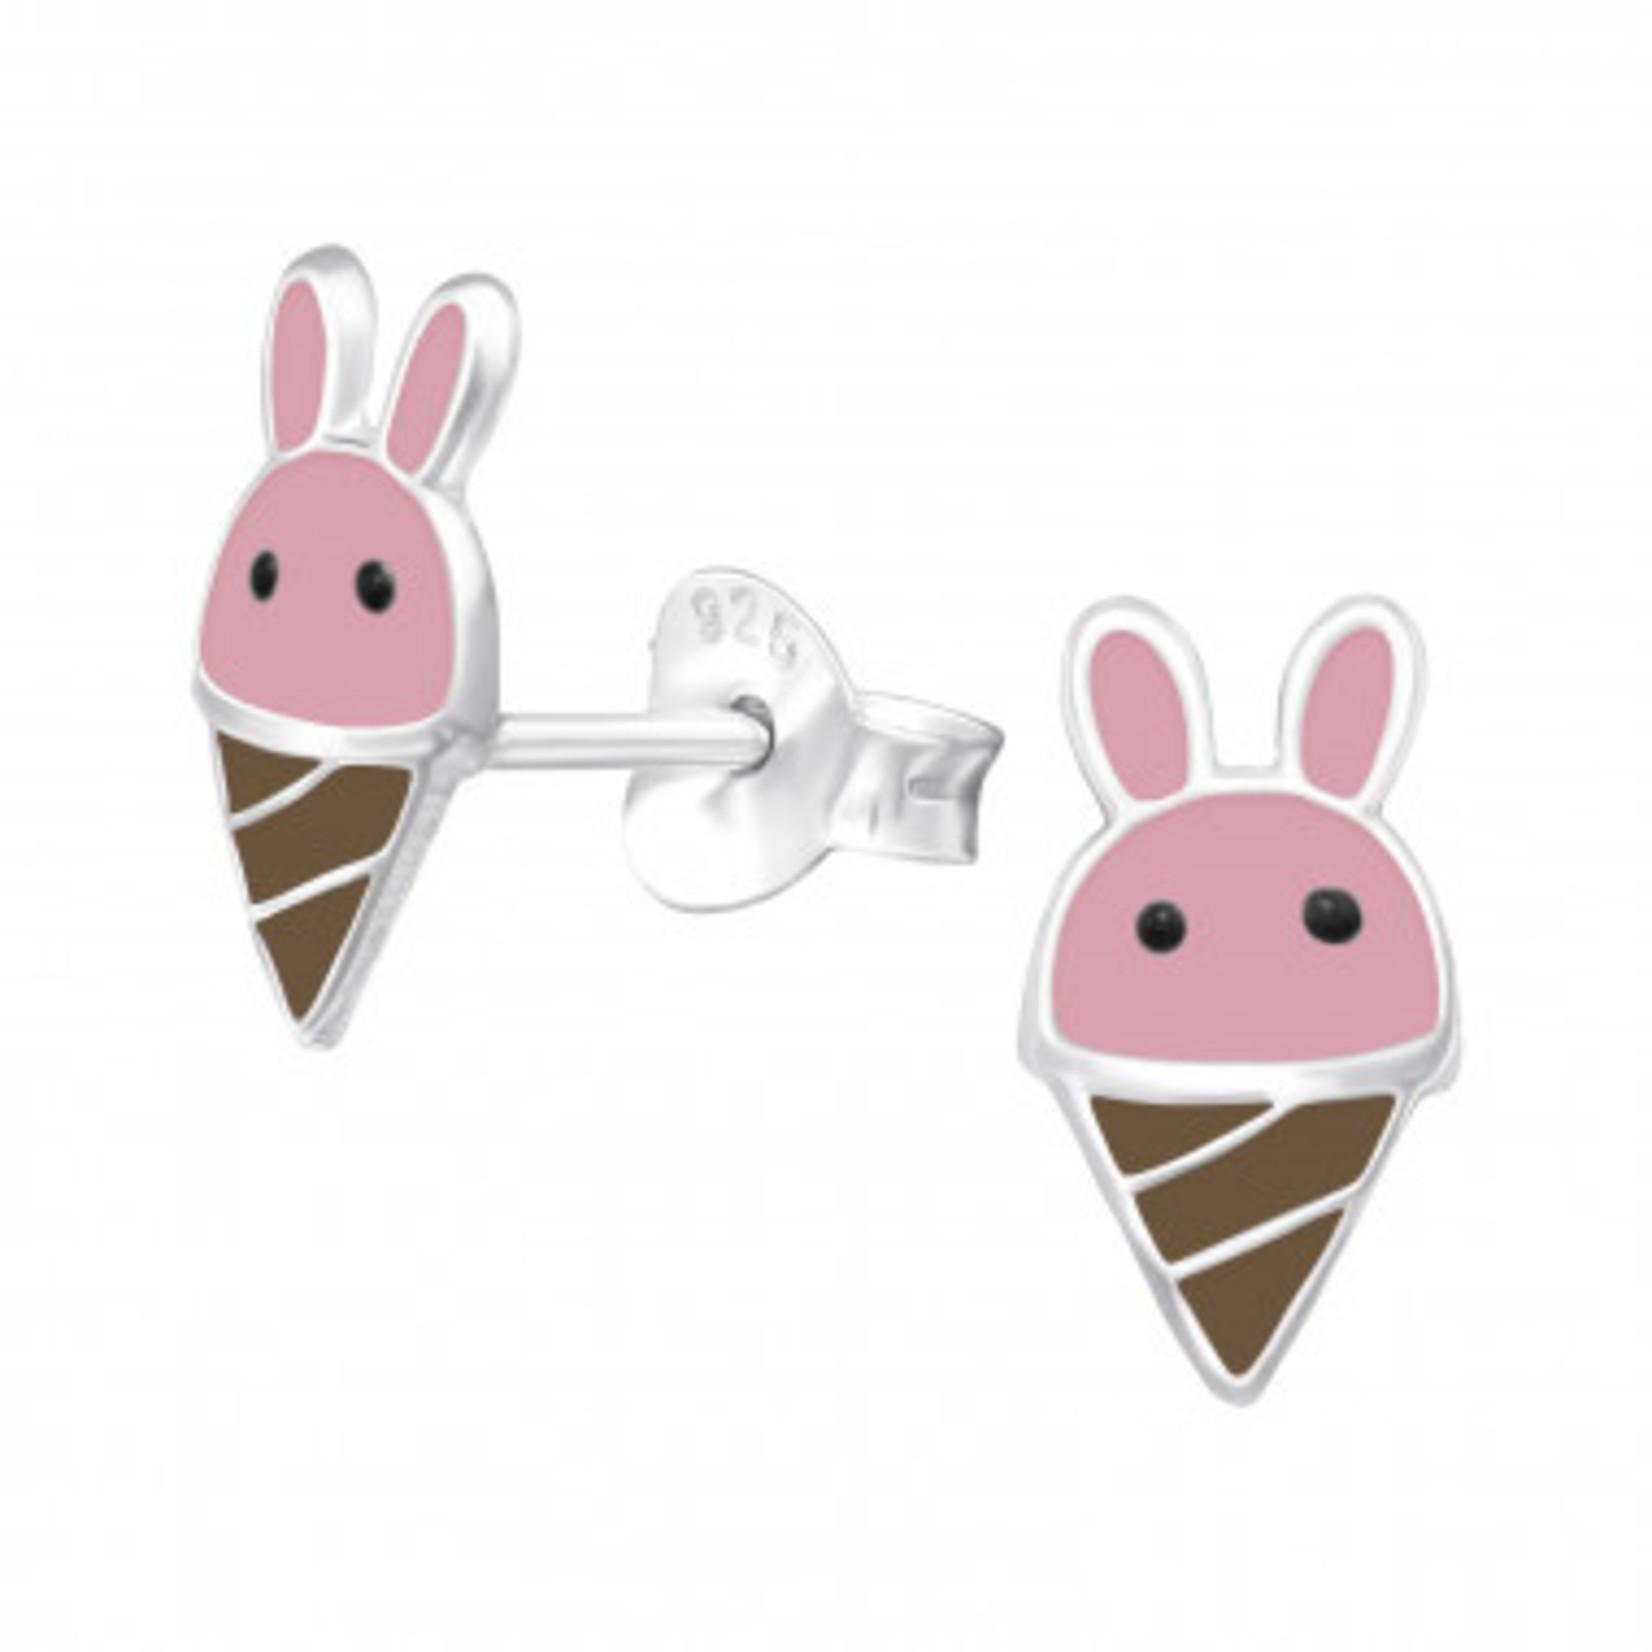 Oorstekers - Bunny ijs - Roze/licht bruin